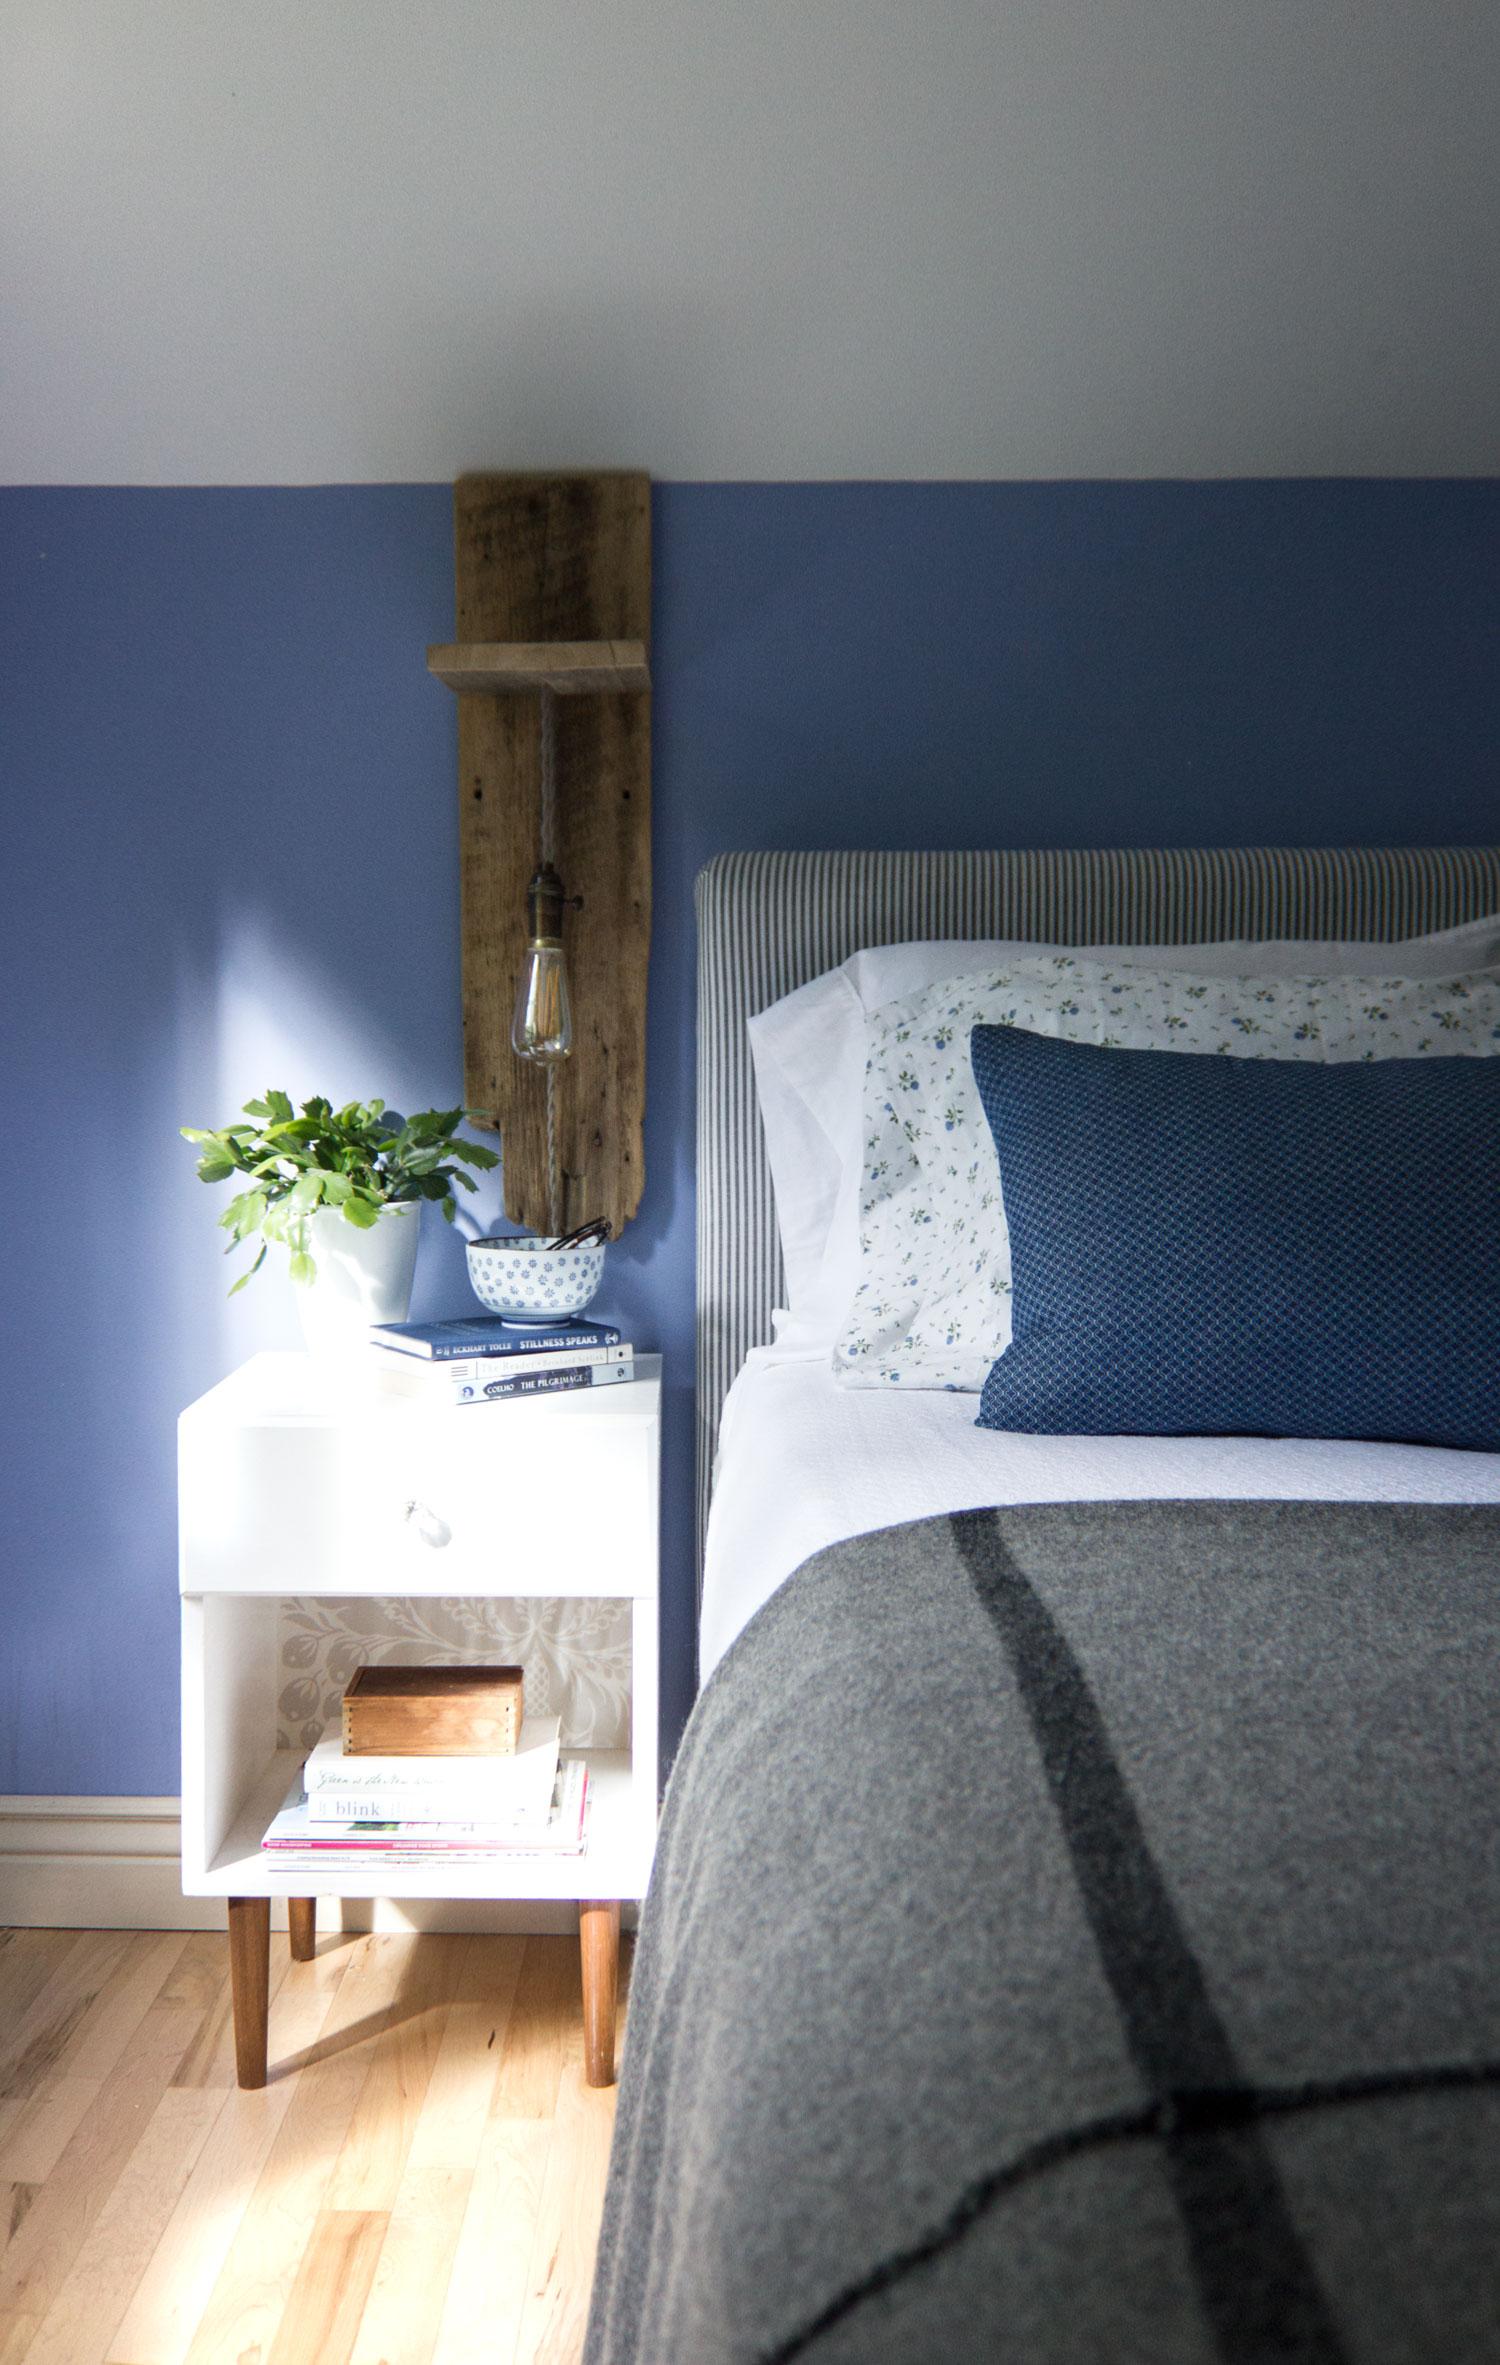 morning-sunshine-in-blue-bedroom.jpg